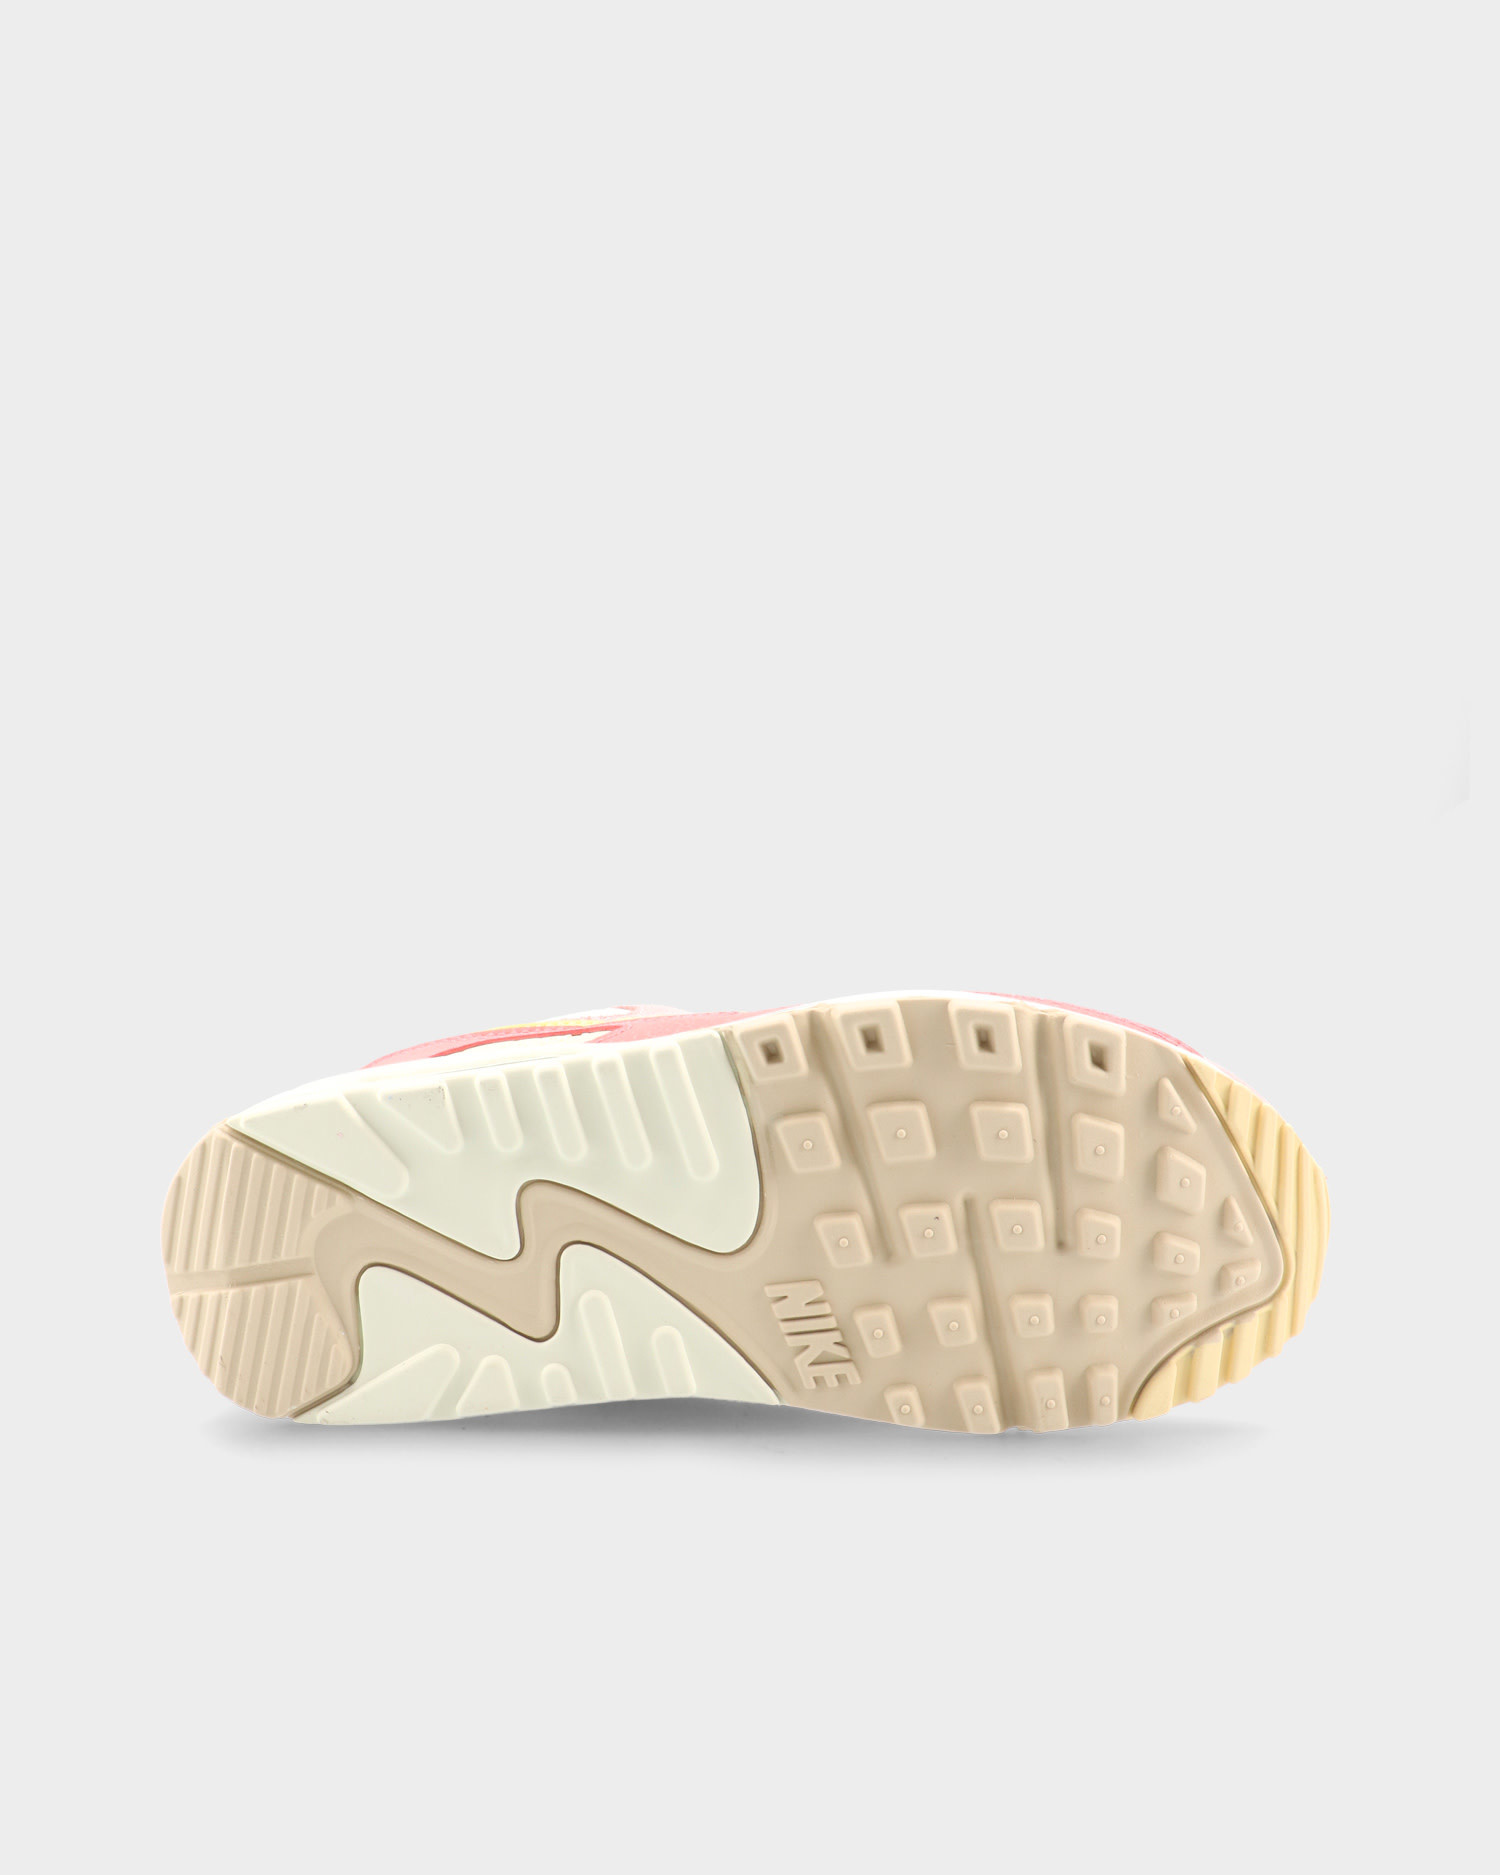 Nike Wmns Air Max 90 Sea Glass/Saturn Gold-Pink Salt-Seafoam